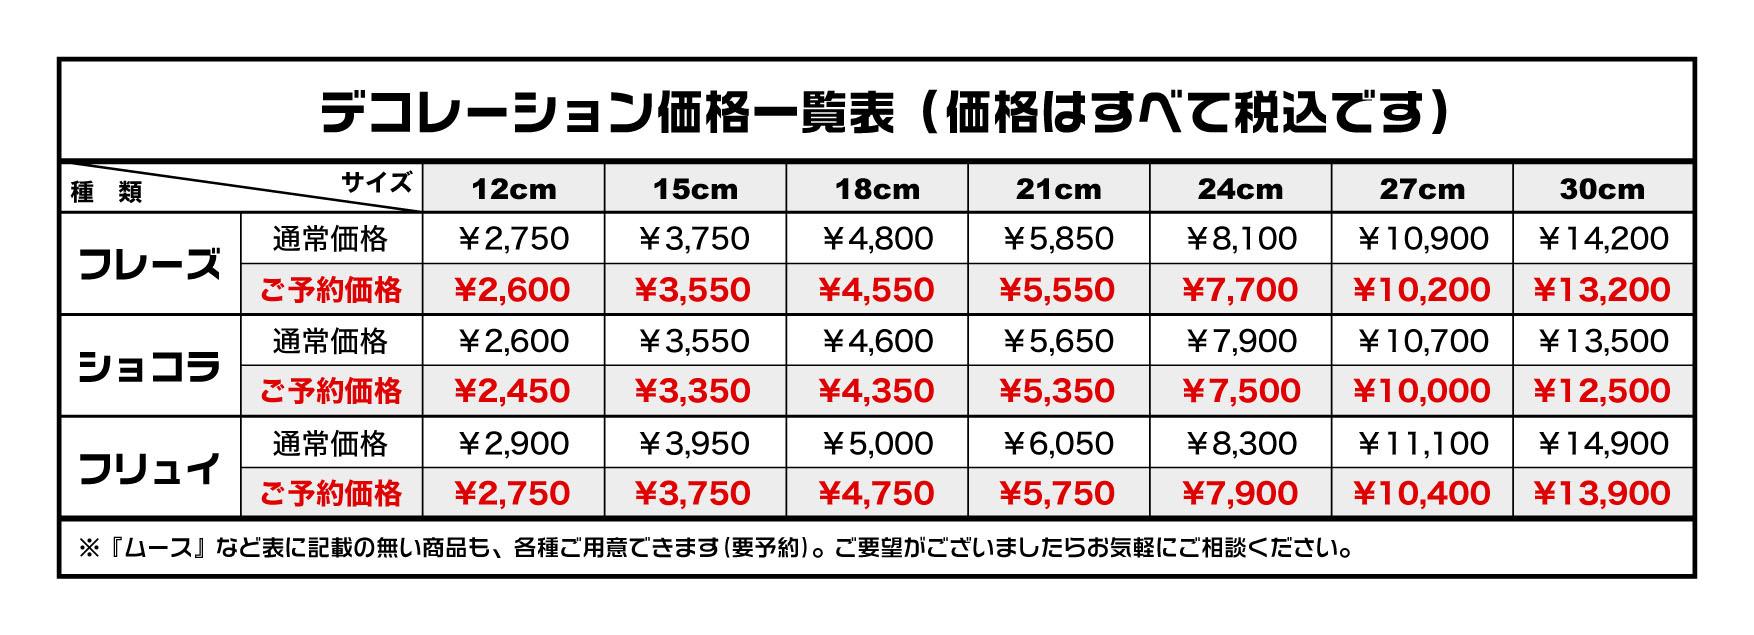 デコレーション価格一覧表バナー